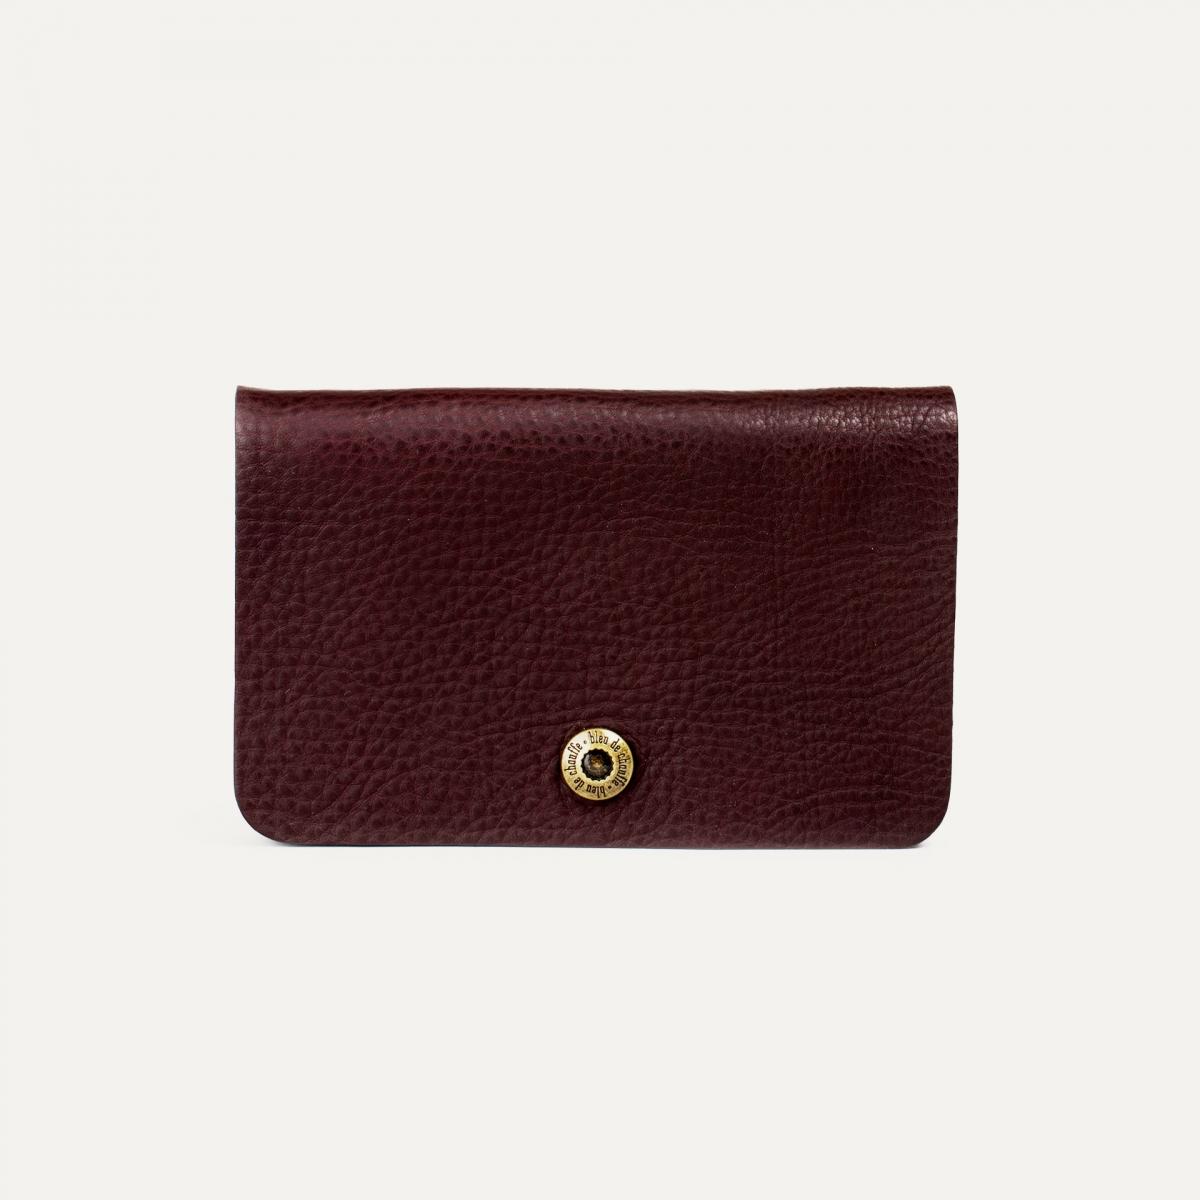 Grisbi wallet - Peat (image n°1)